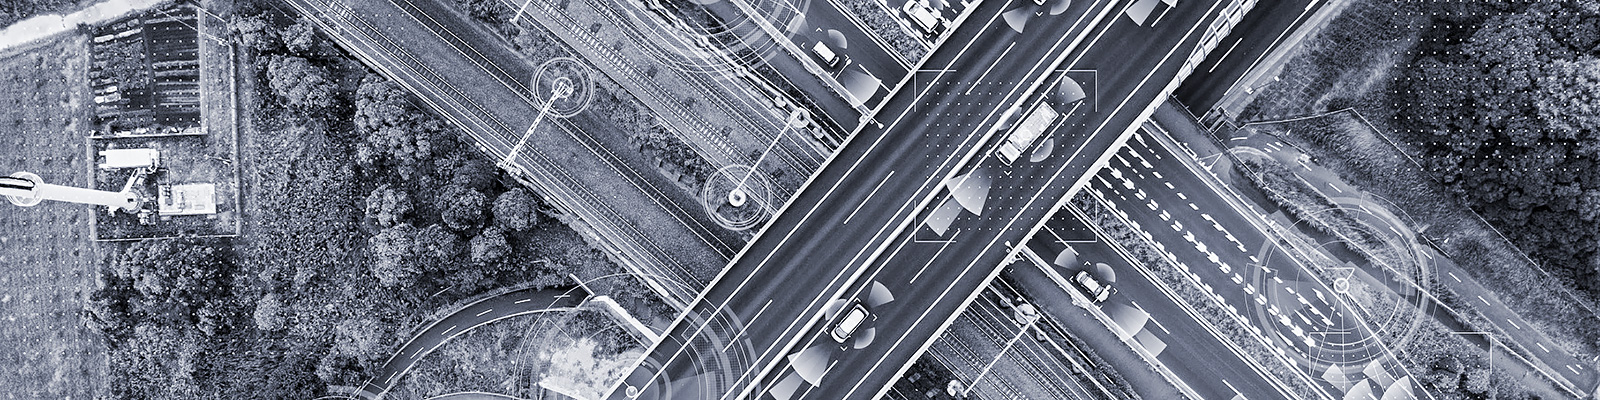 自動運転 交通 道路 イメージ